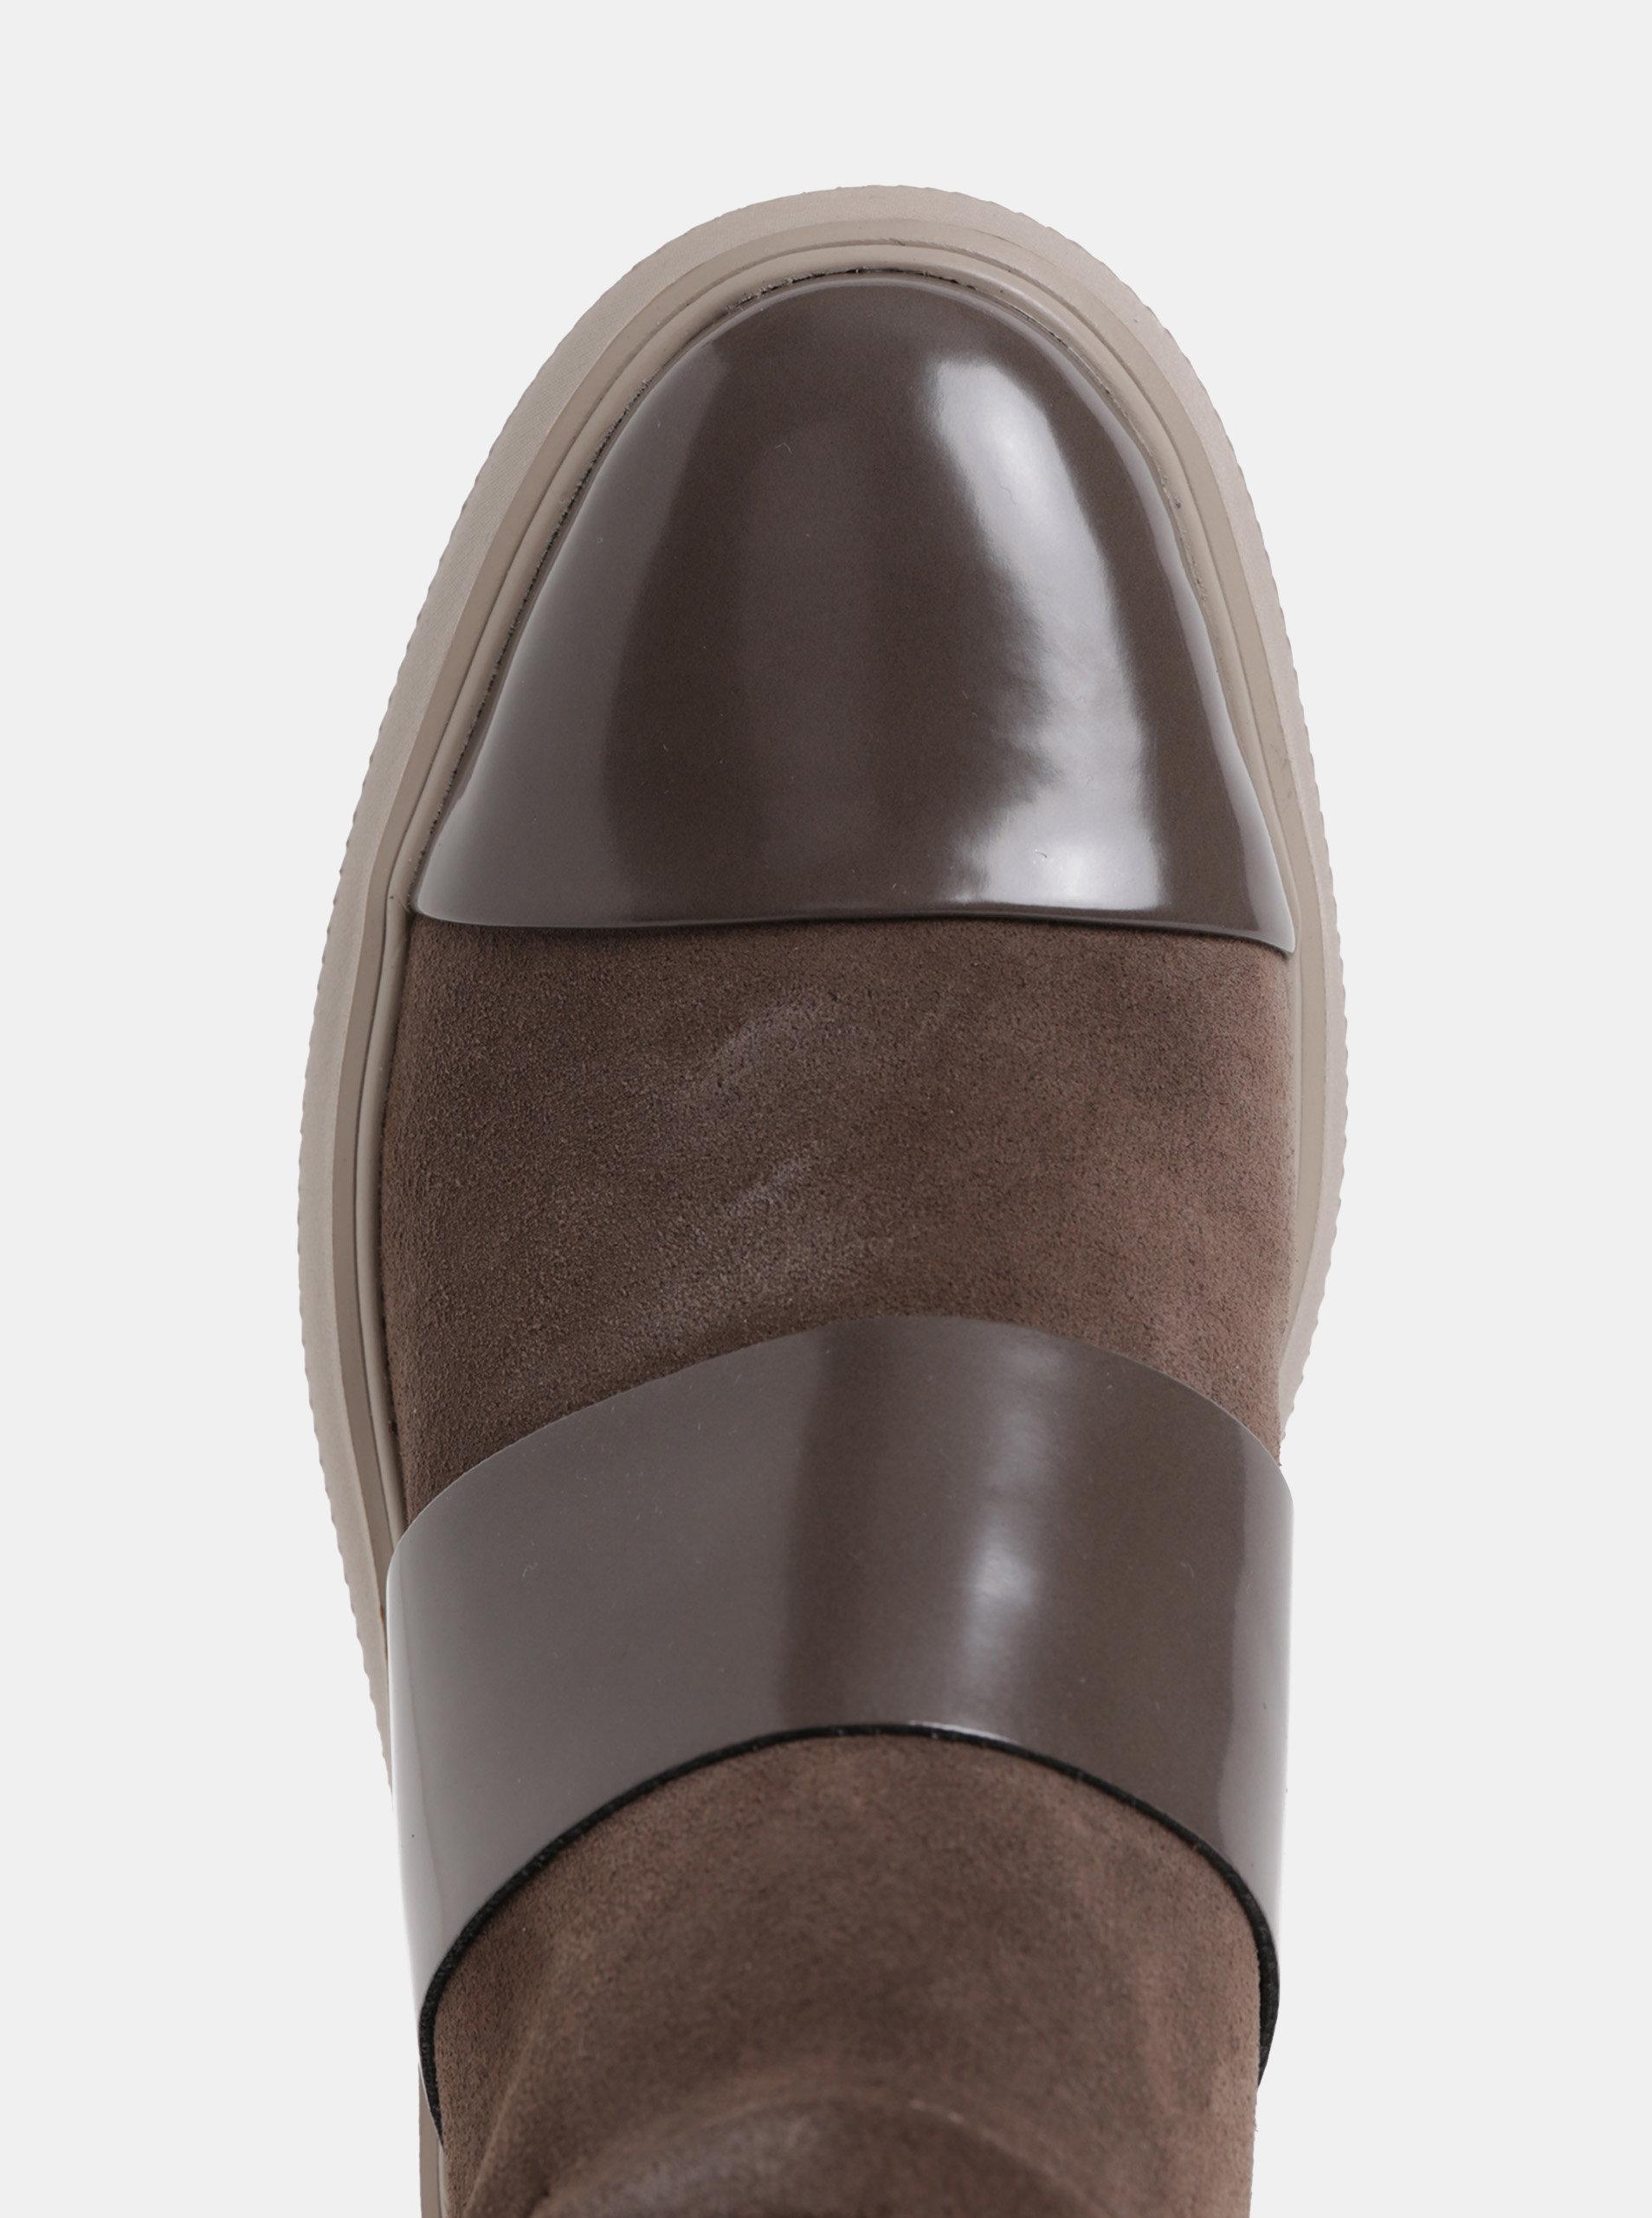 943fa5642e2 Hnědé dámské semišové kotníkové boty na platformě Geox Kaula ...